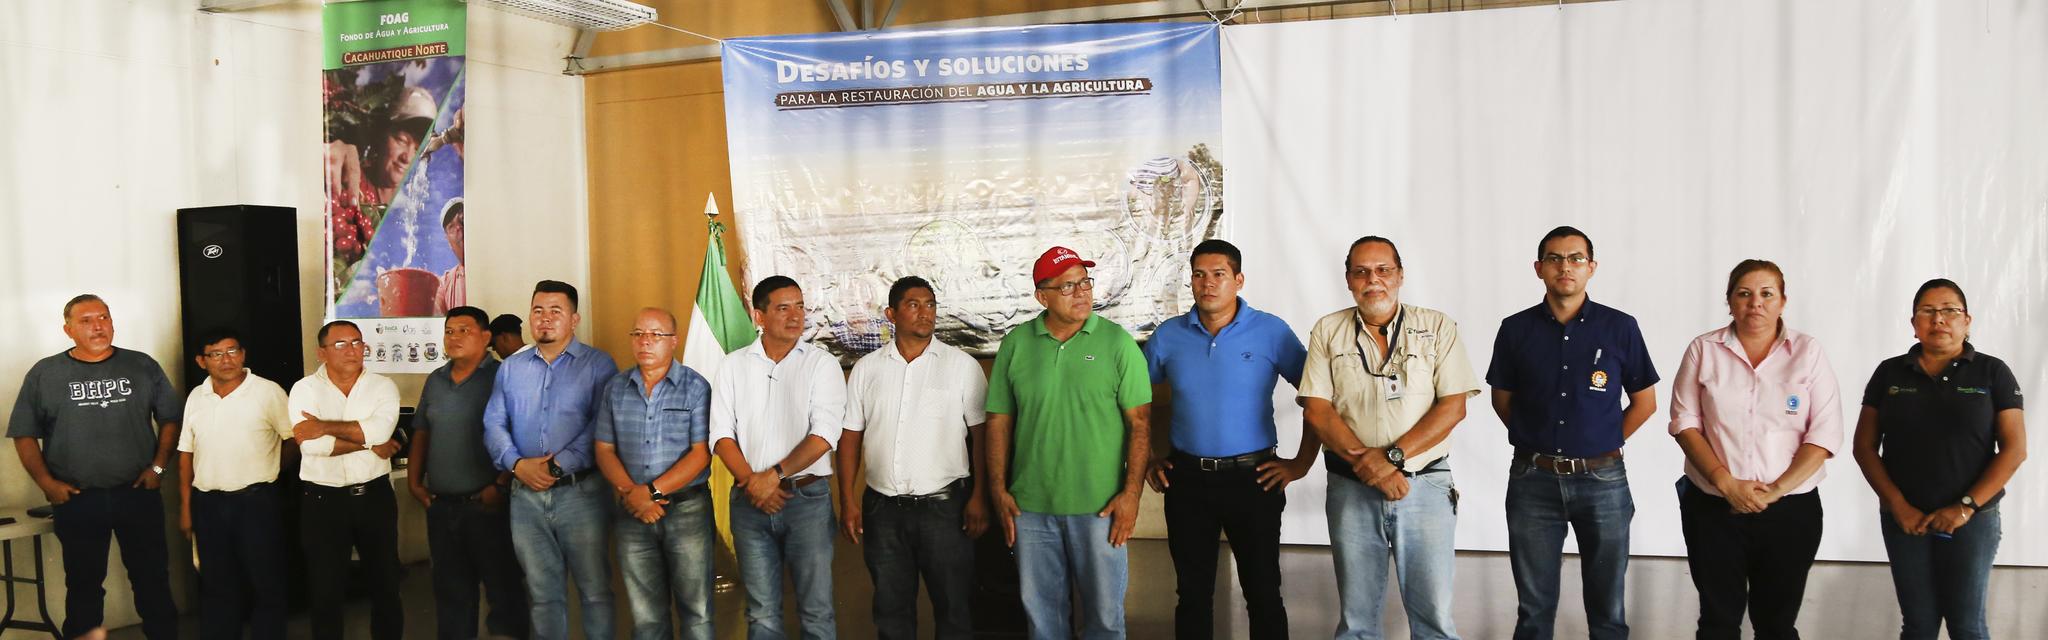 Se crean Fondos de Agua y Agricultura como mecanismos innovadores para la conservación de manantiales y el fomento de la agricultura sostenible en el Cerro de Cacahuatique